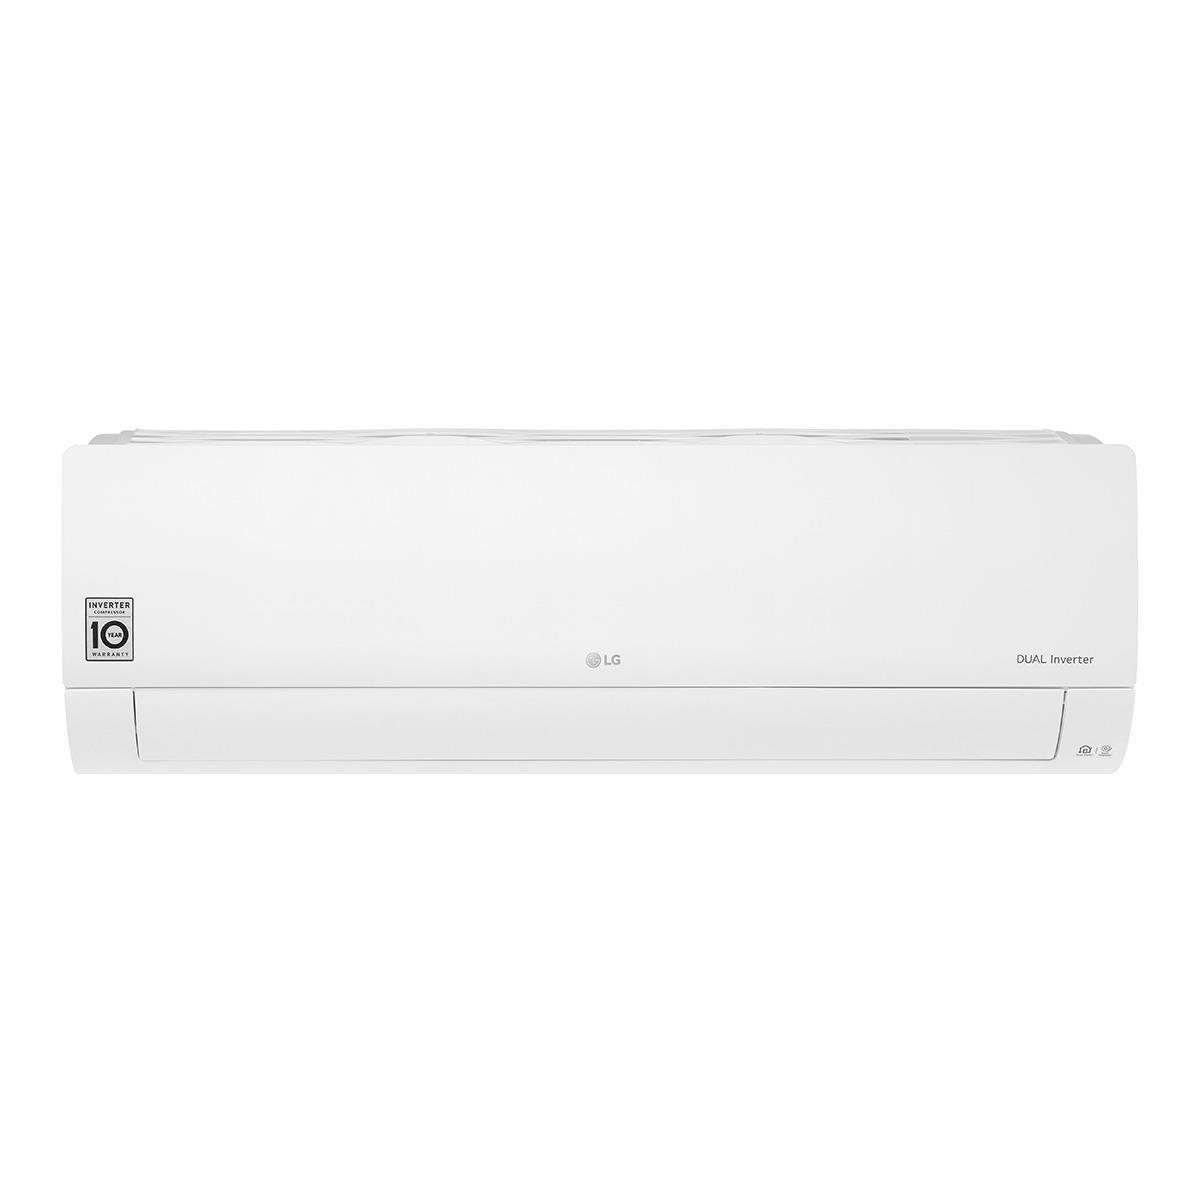 aire acondicionado lg 32confwf09set 1x1 wifi ia